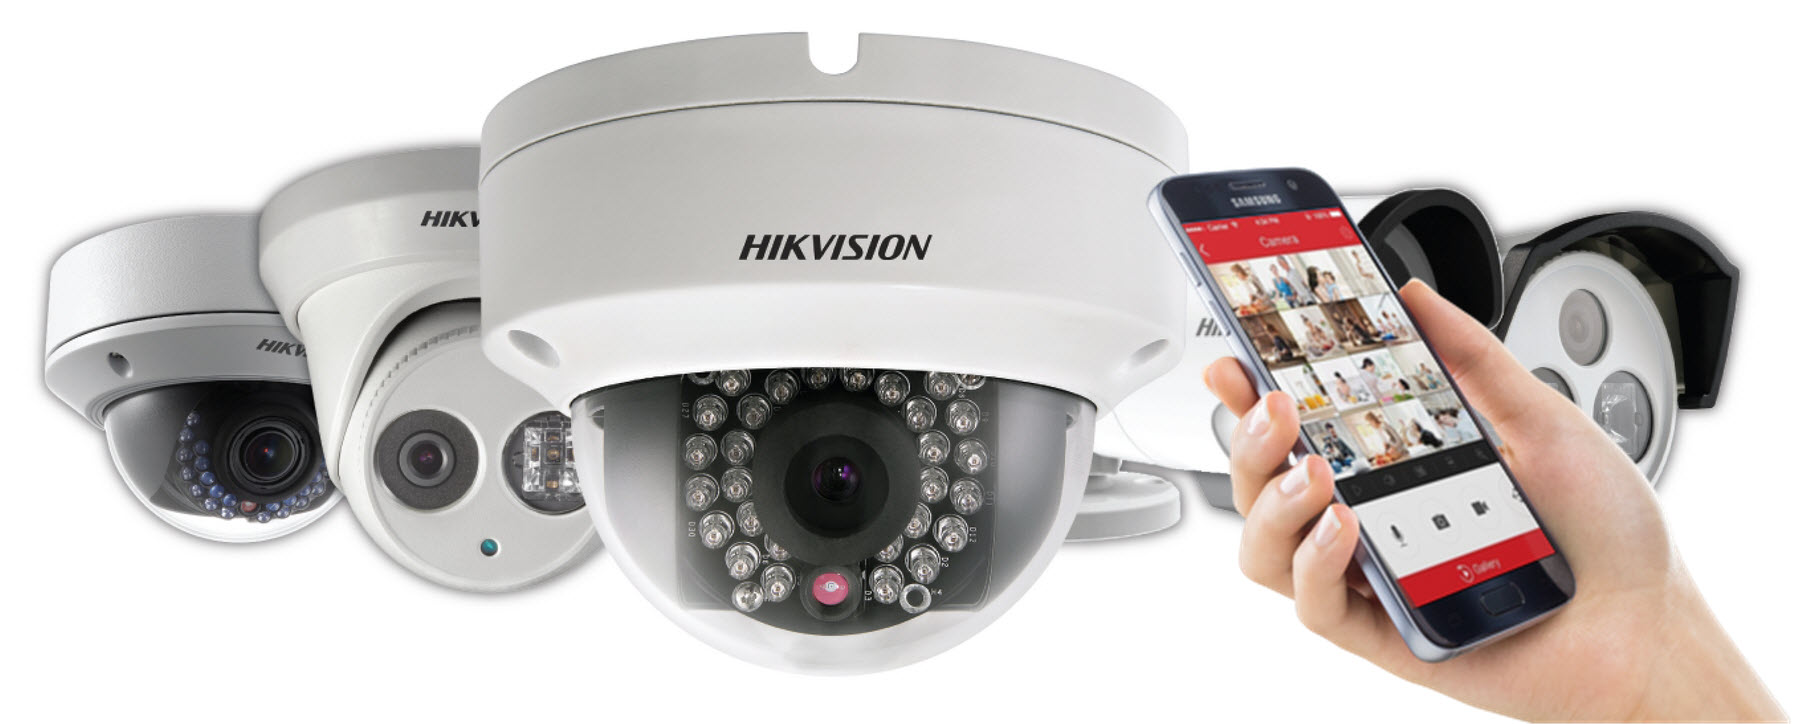 hikvision2.jpg